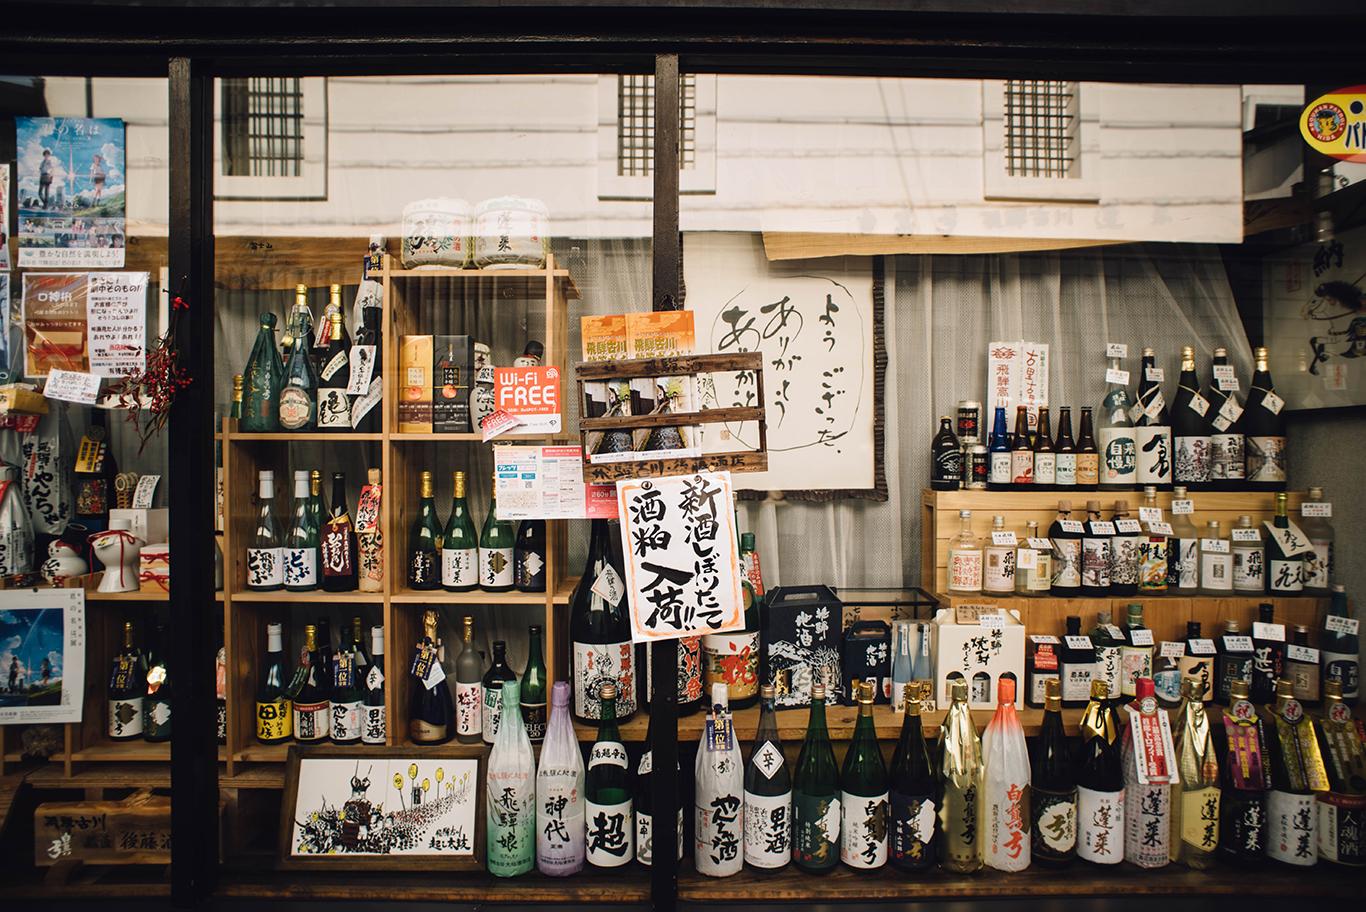 浅草の居酒屋TOP15!おすすめの安いお店や人気の老舗を厳選紹介!